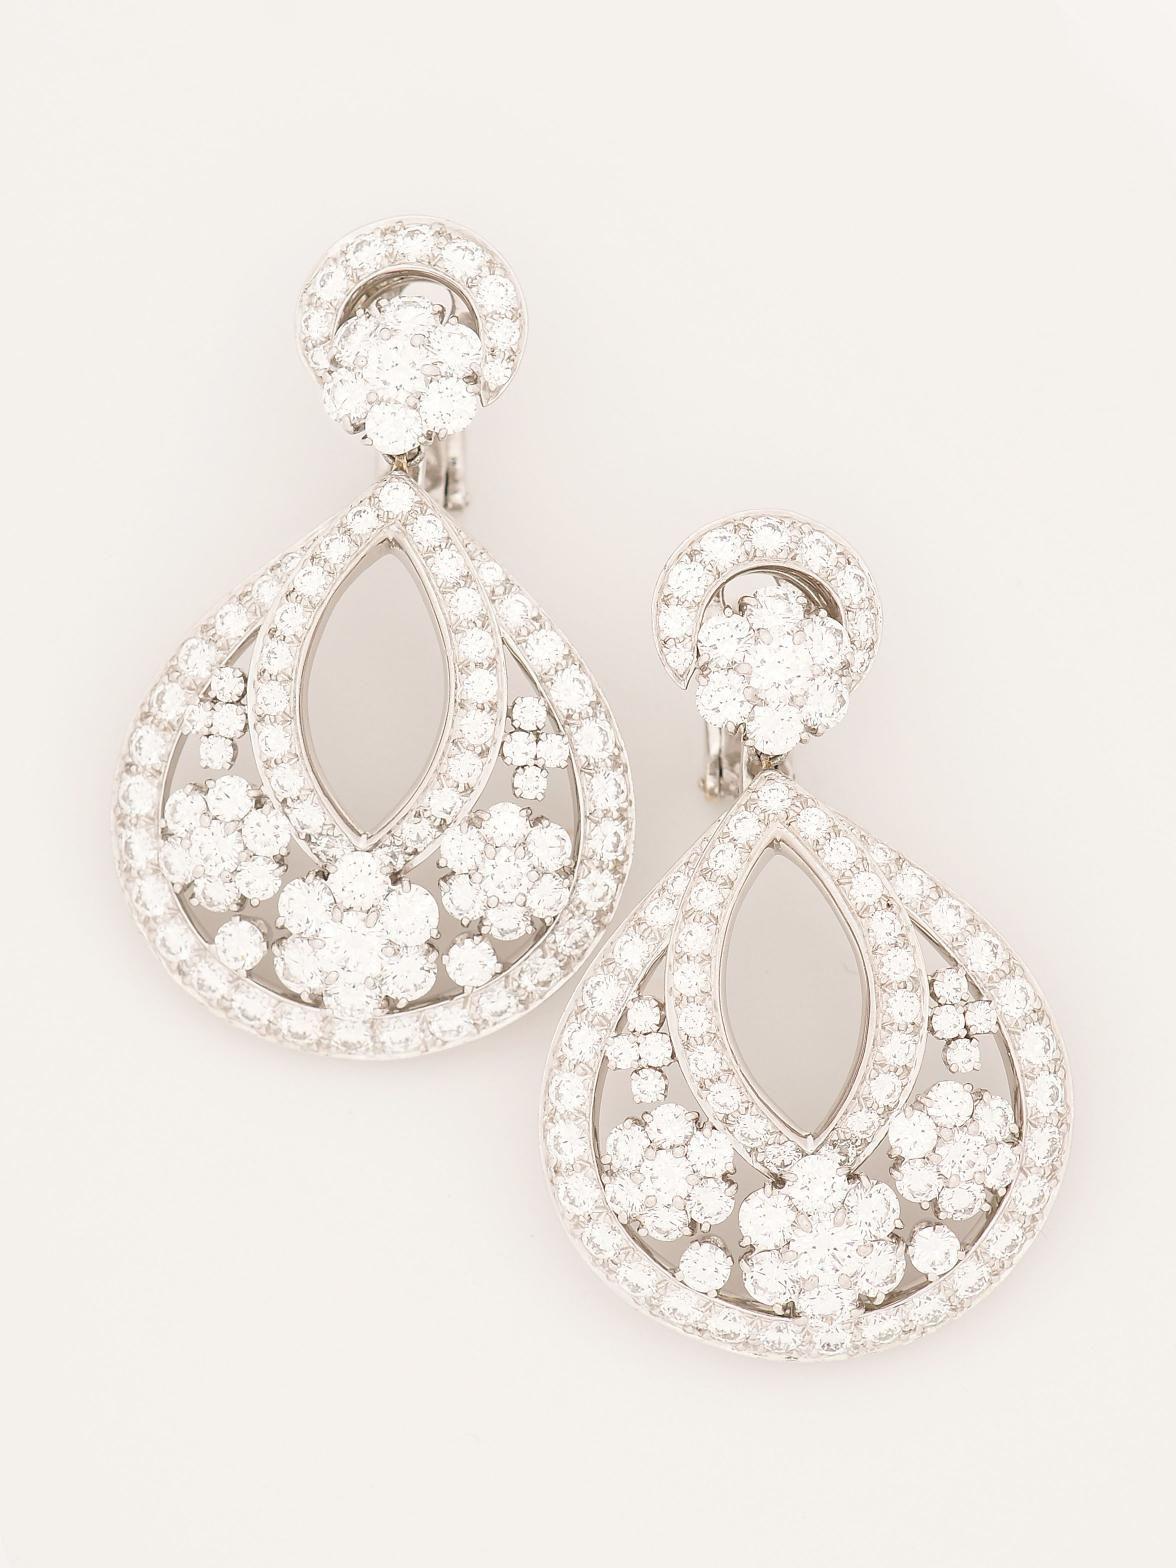 Van Cleef Arpels Platinum Snowflake Diamond Earrings Drop With Cers At